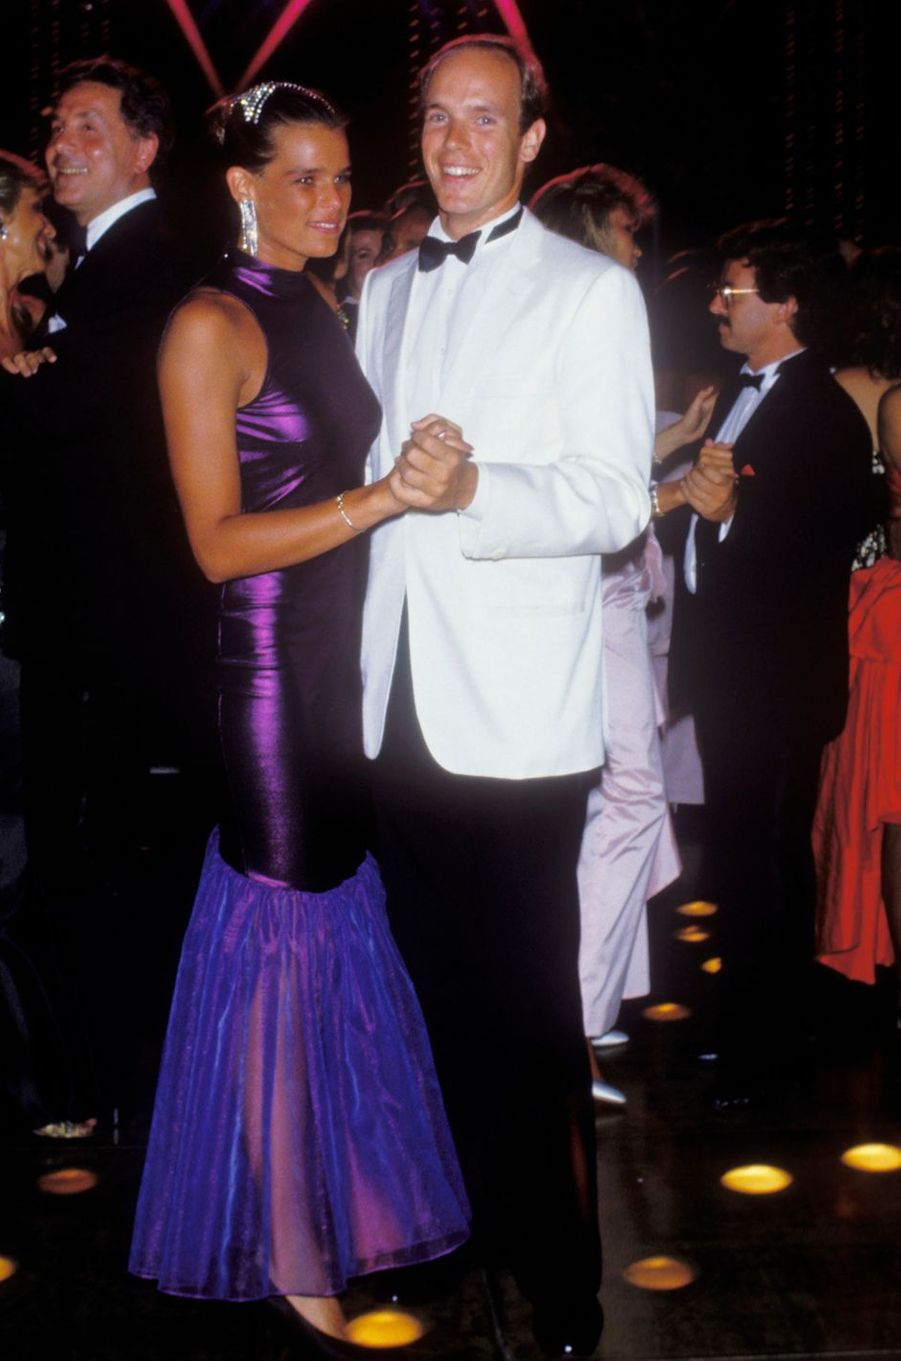 La princesse Stéphanie de Monaco, le 7 août 1987